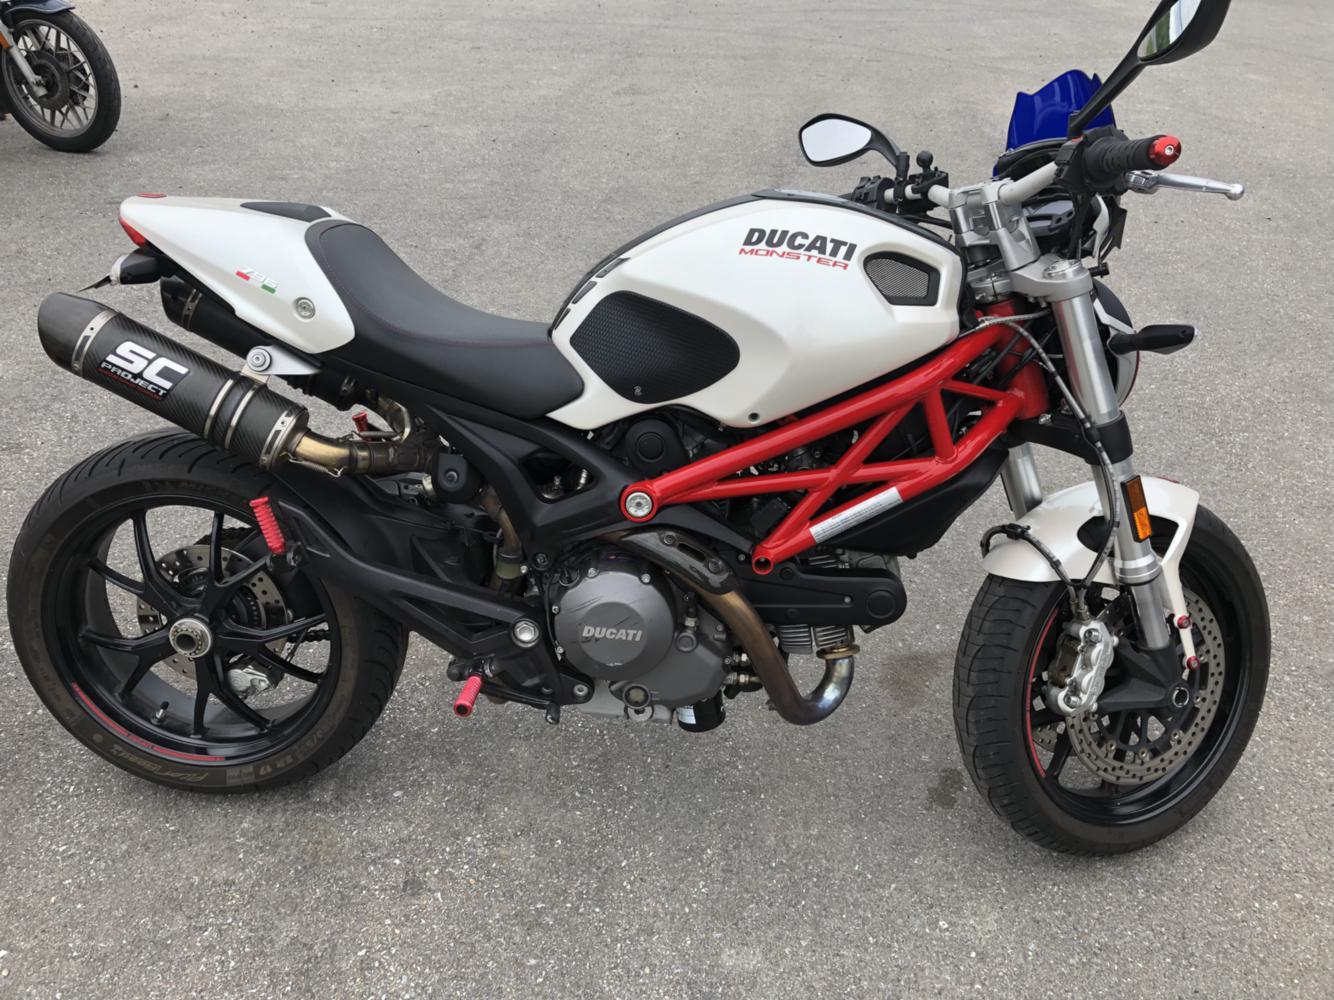 2014 Ducati Monster - 796